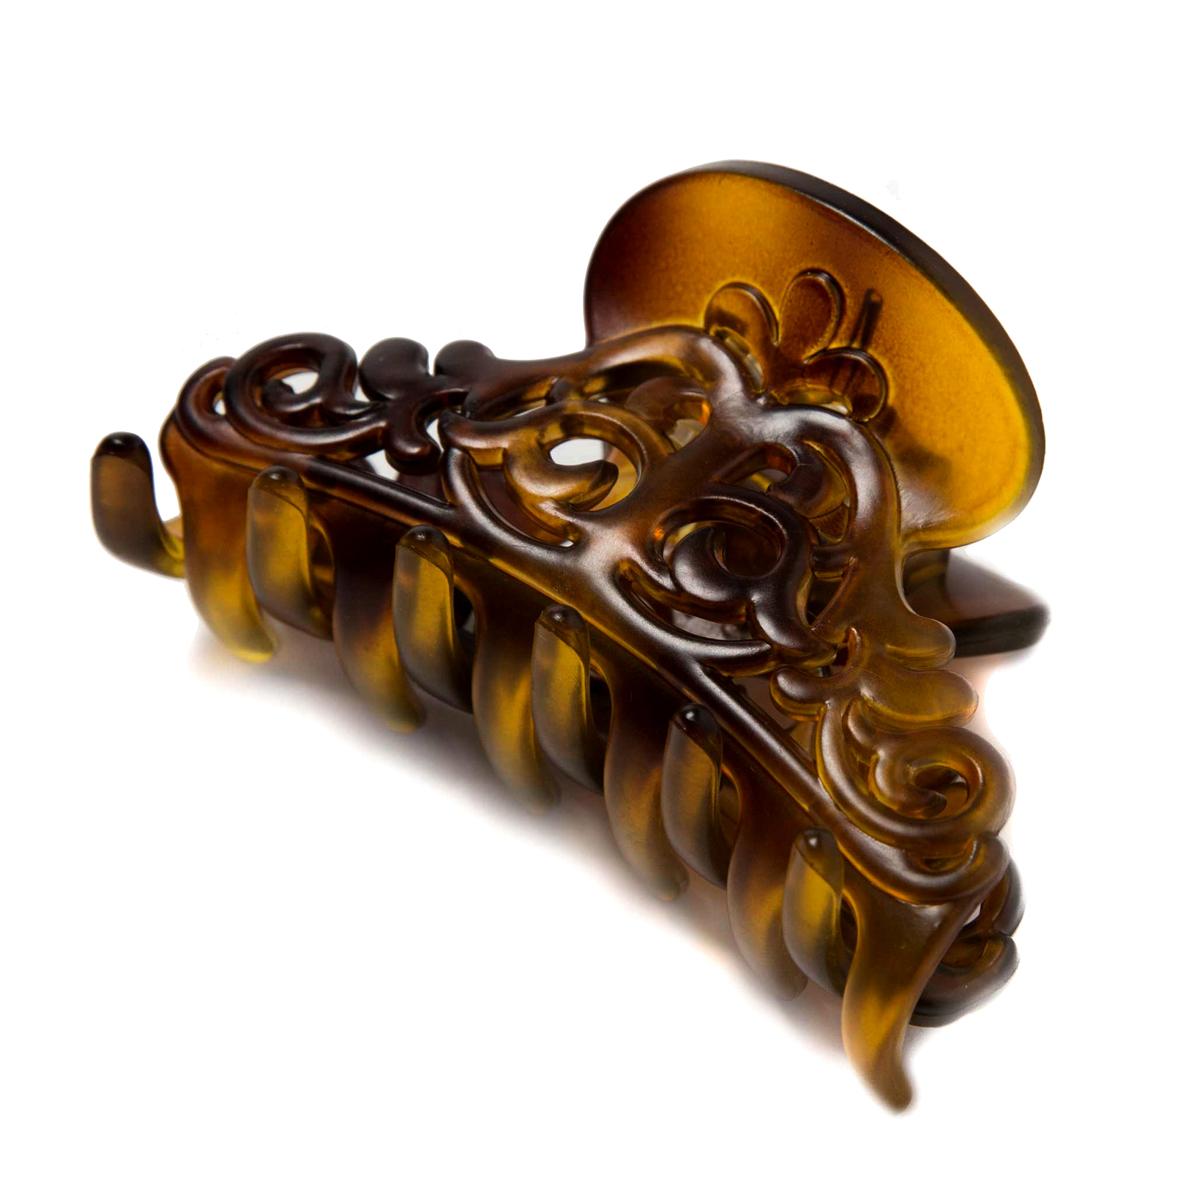 Заколка-краб Mitya Veselkov, цвет: коричневый. KRAB3-M2BROСерьги с подвескамиЗаколка-краб выполнена из пластика черного цвета. Удобный зажимной механизм надежно держит волосы и при этом служит отличным украшением.